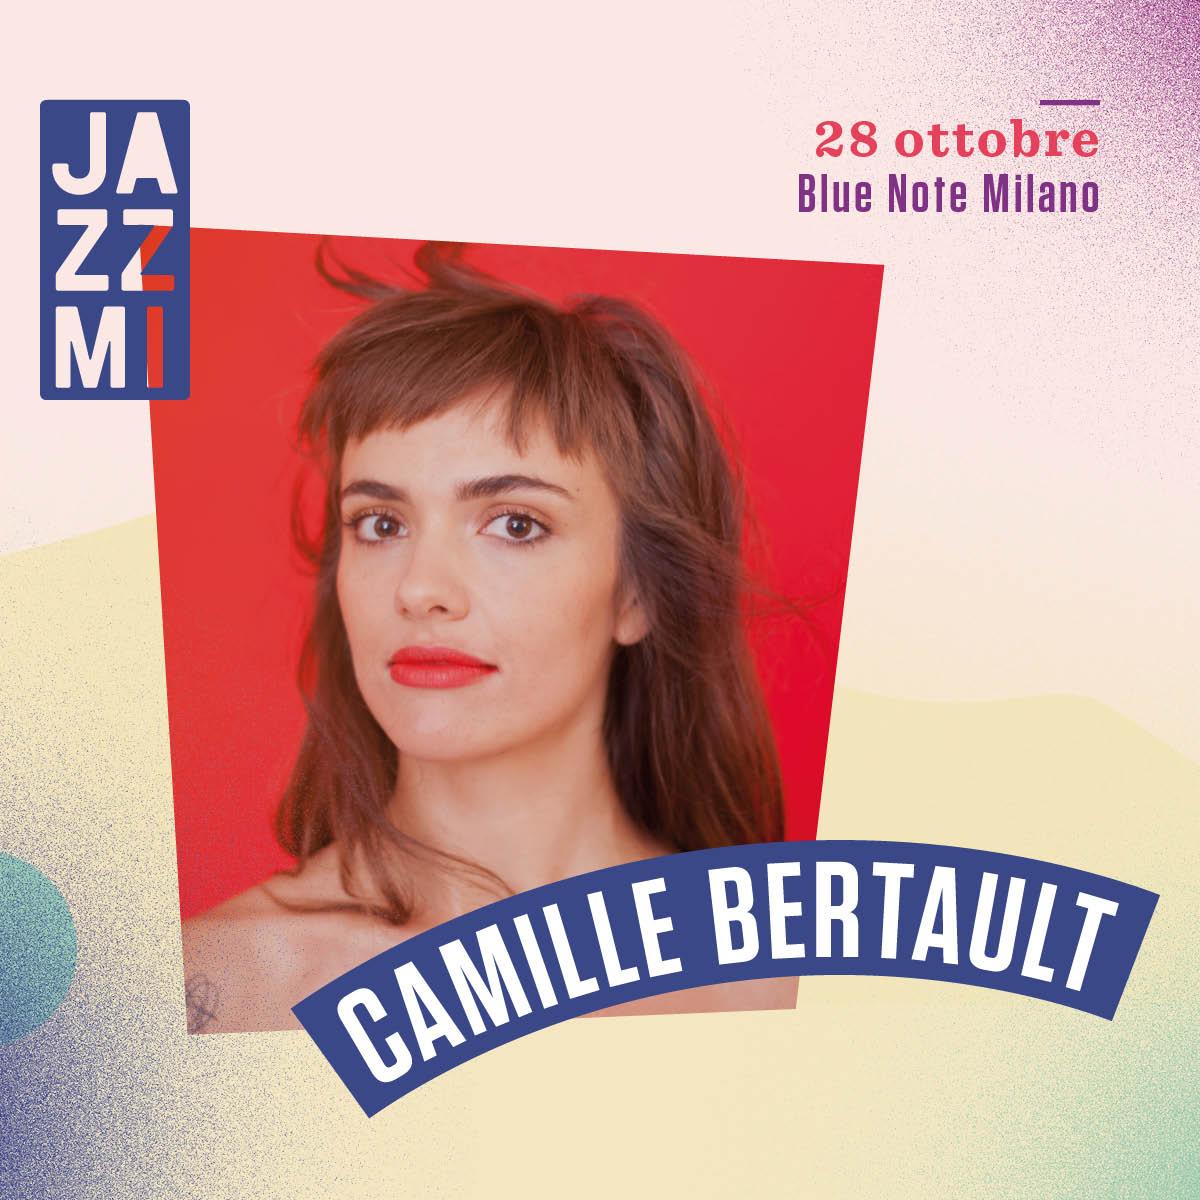 Camille Bertault 28/10/2020 20.30